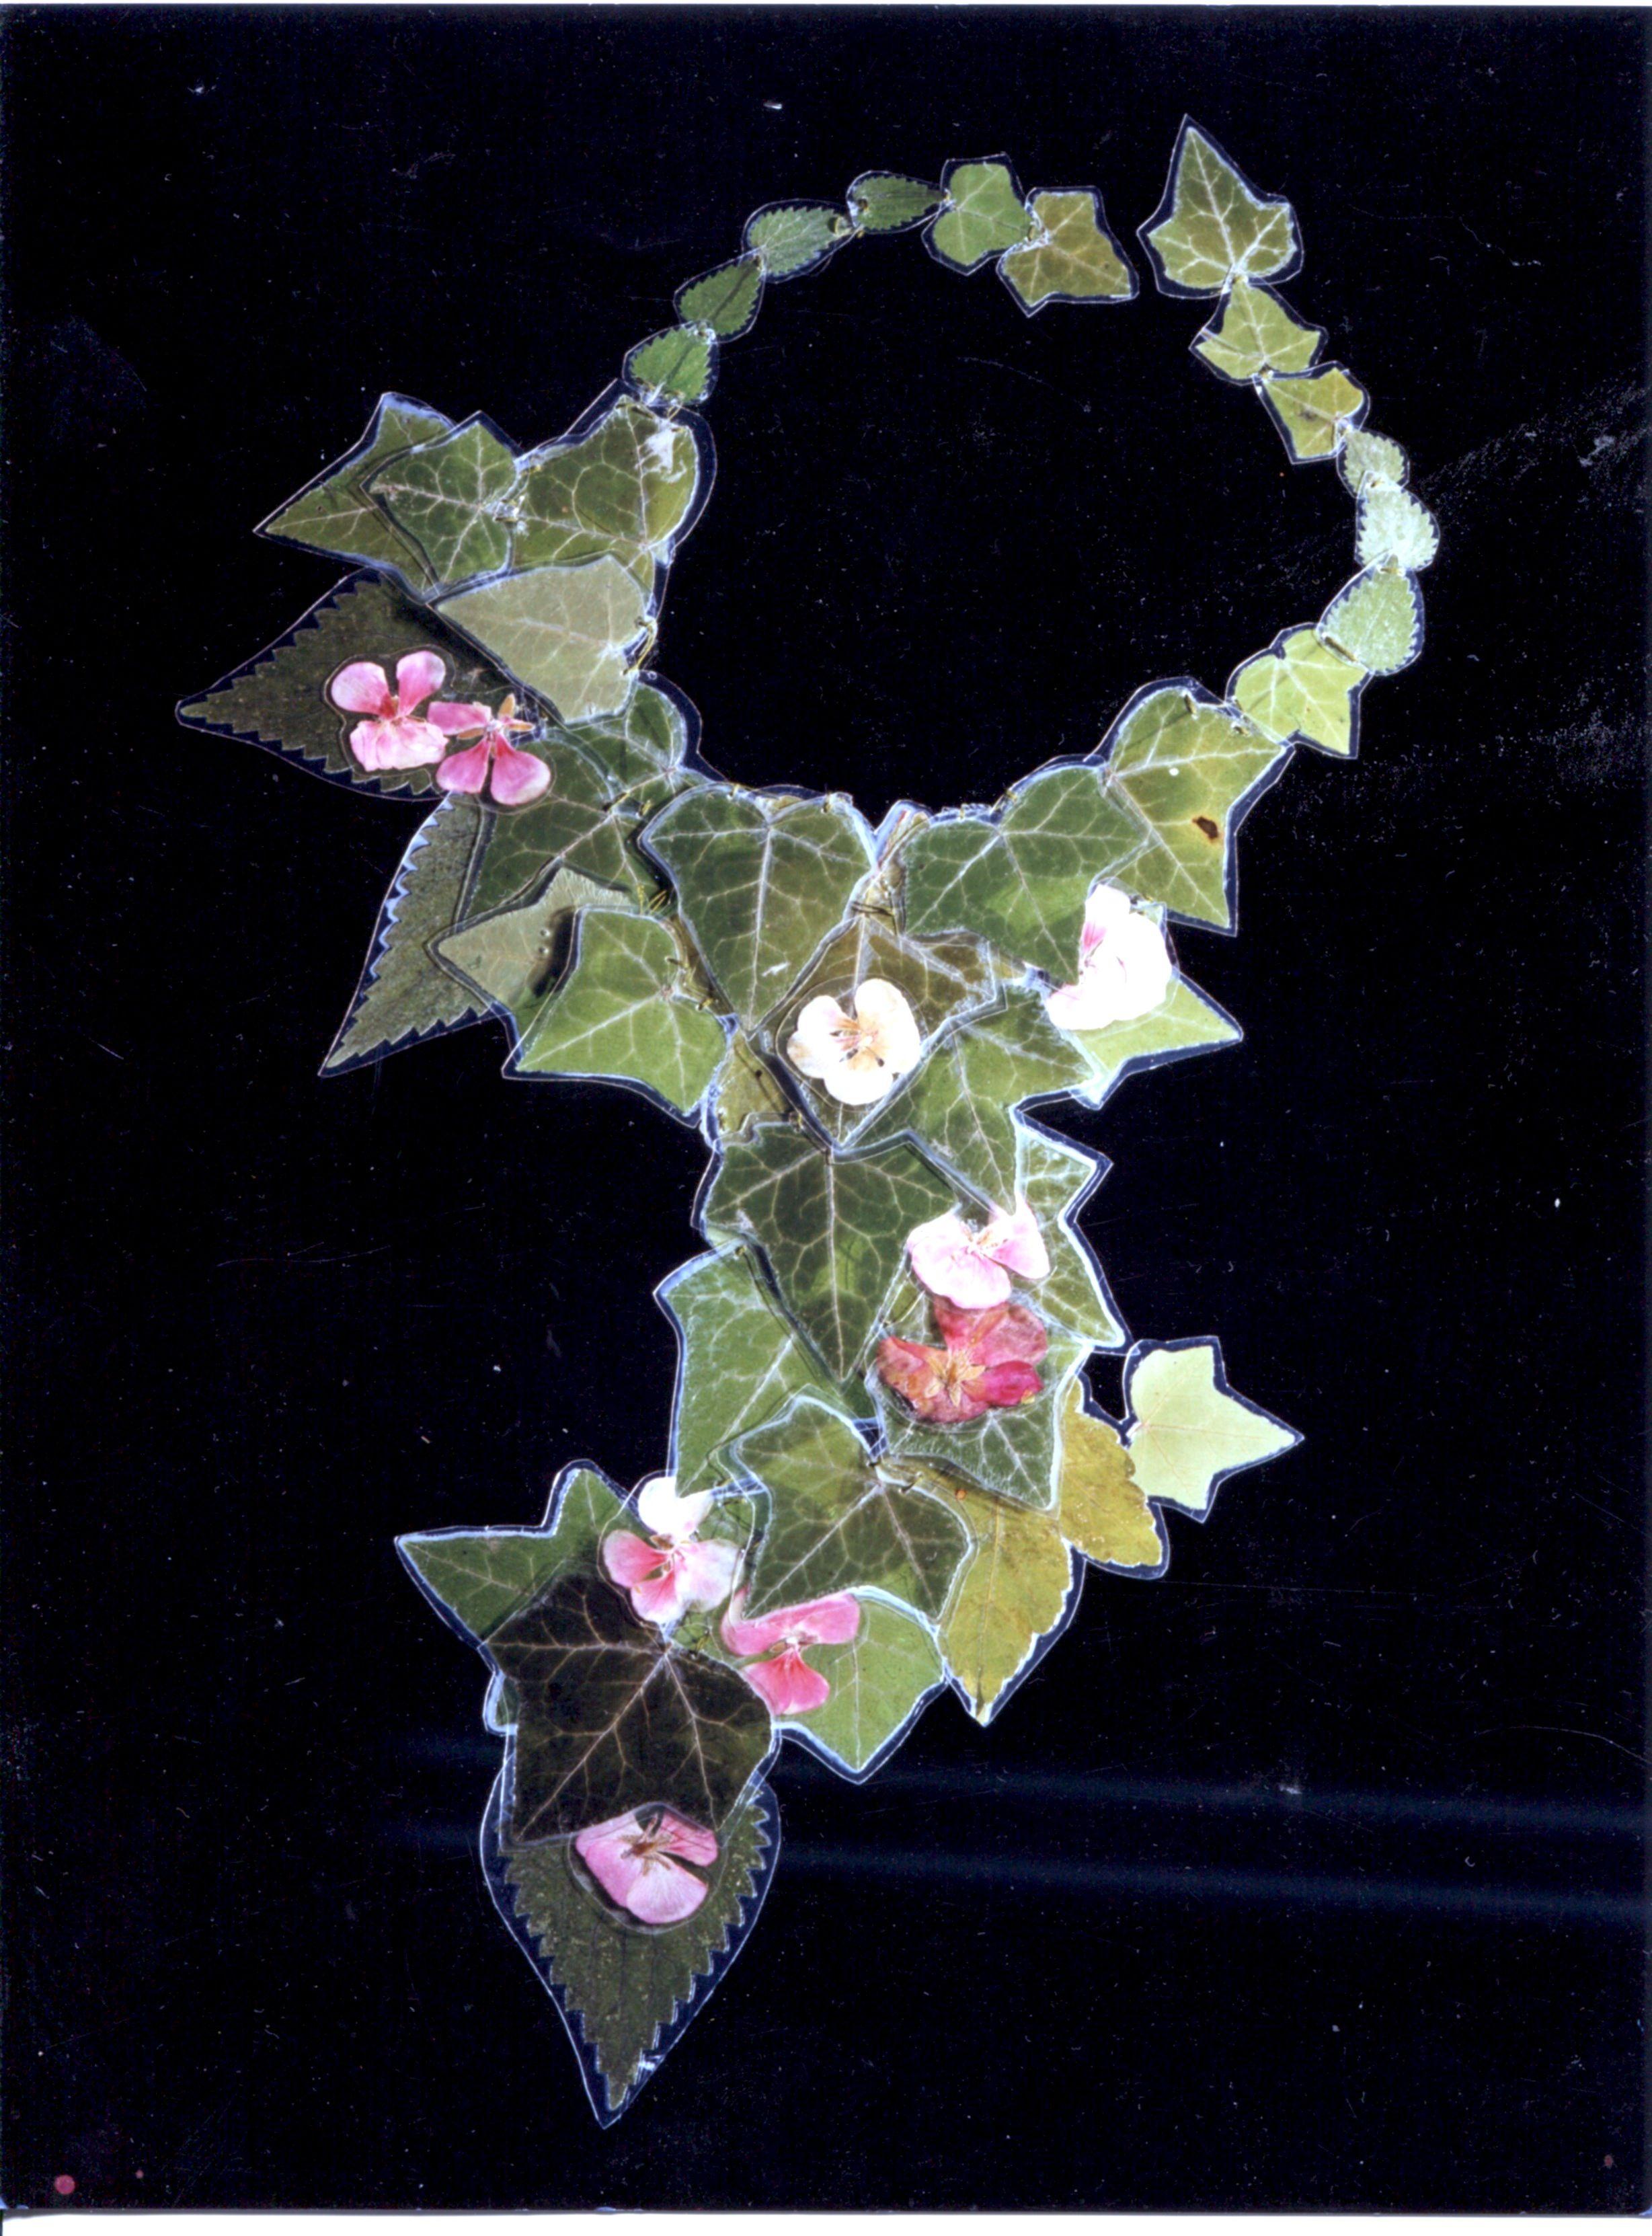 veronica guiduzzi, la prima collana, edera e geranio  plastificati e cuciti, 1997